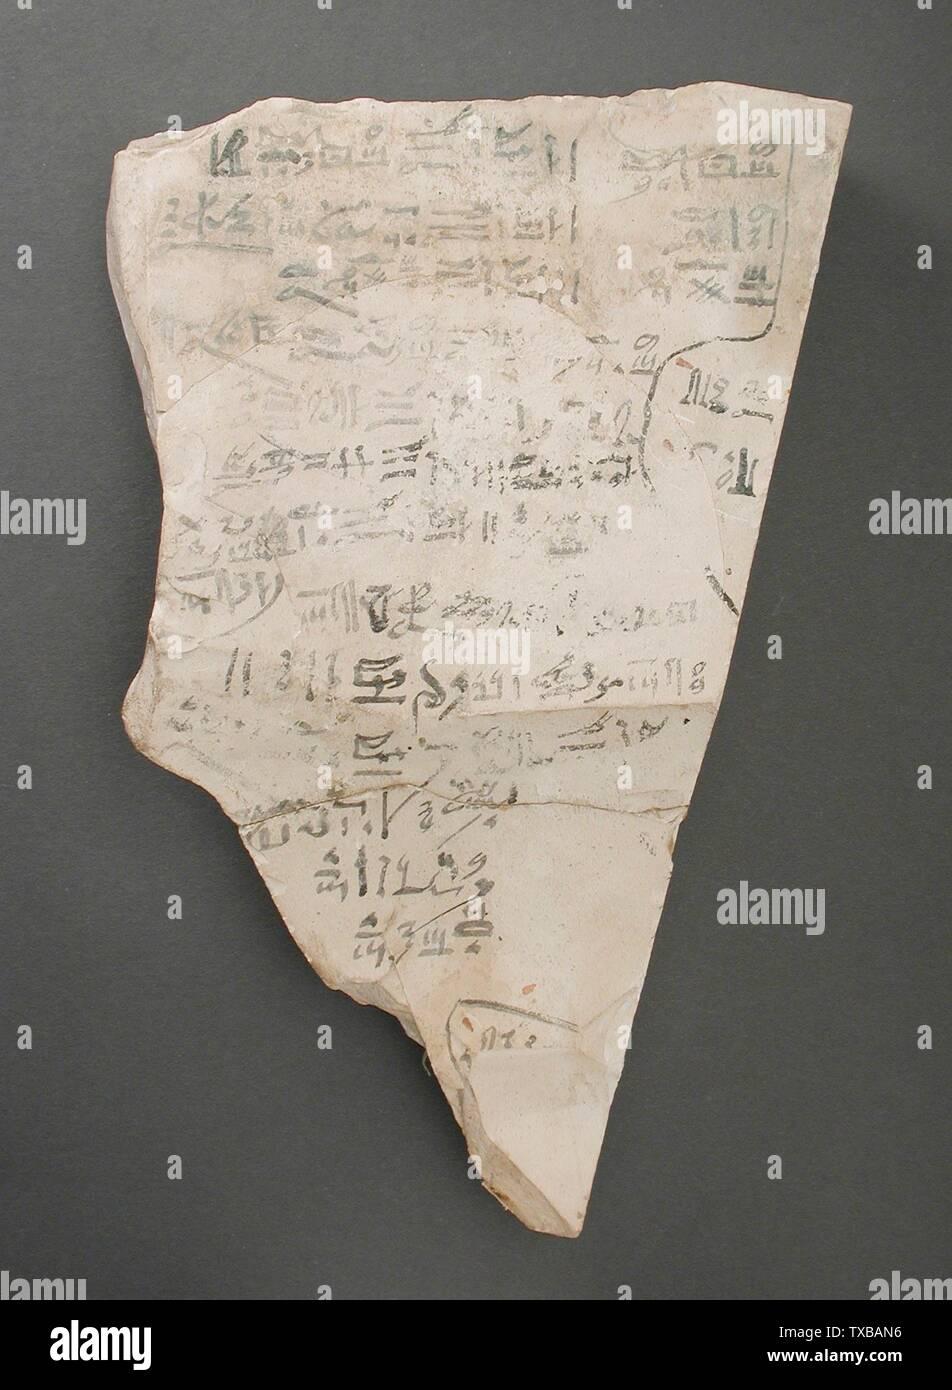 'Une partie de la reconstitution d'un Ostracon décrivant le repas rituel unique pour Amen-Re; Egypte, Nouvel Empire, 19e dynastie (1315 - 1081 avant notre ère) Outils et équipement; calcaire ostraka 9 1/4 x 6 in. (23,5 x 15,2 cm) Don de Carl W. Thomas (M.80.203.211) L'art égyptien; 19e - 20e dynastie (1315 - 1081 avant notre ère); ' Photo Stock